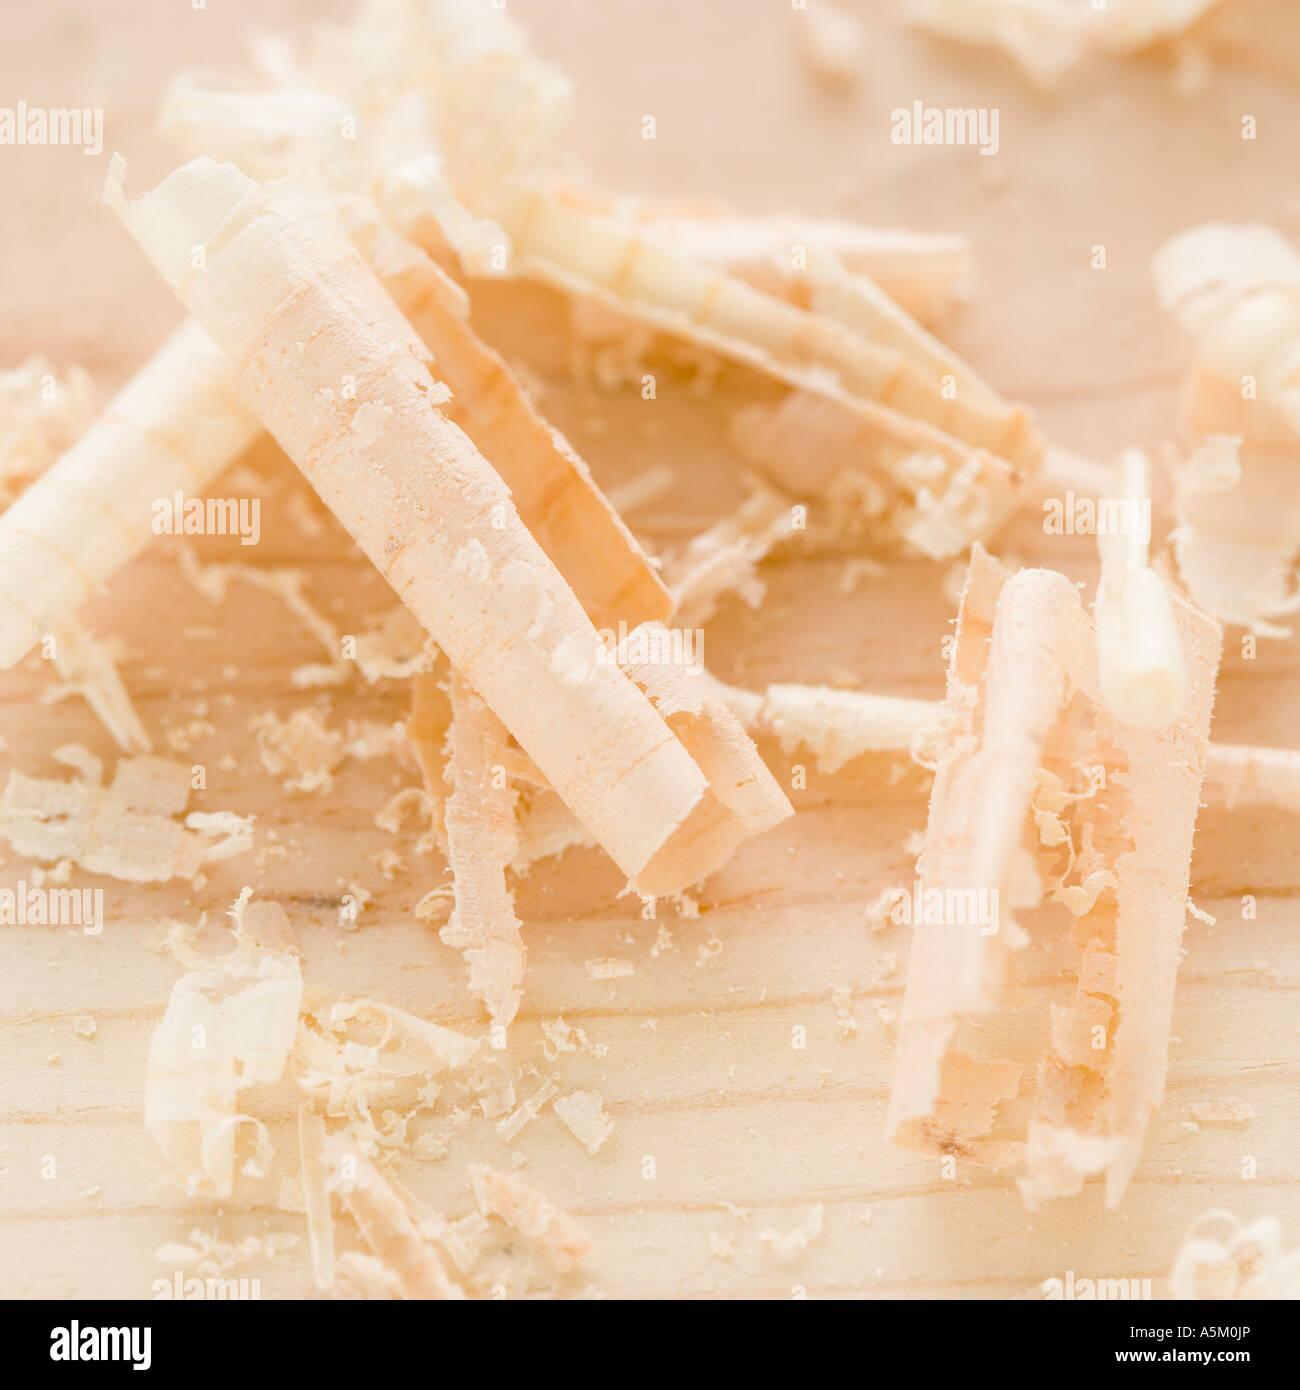 Nahaufnahme von Holzspänen Stockbild